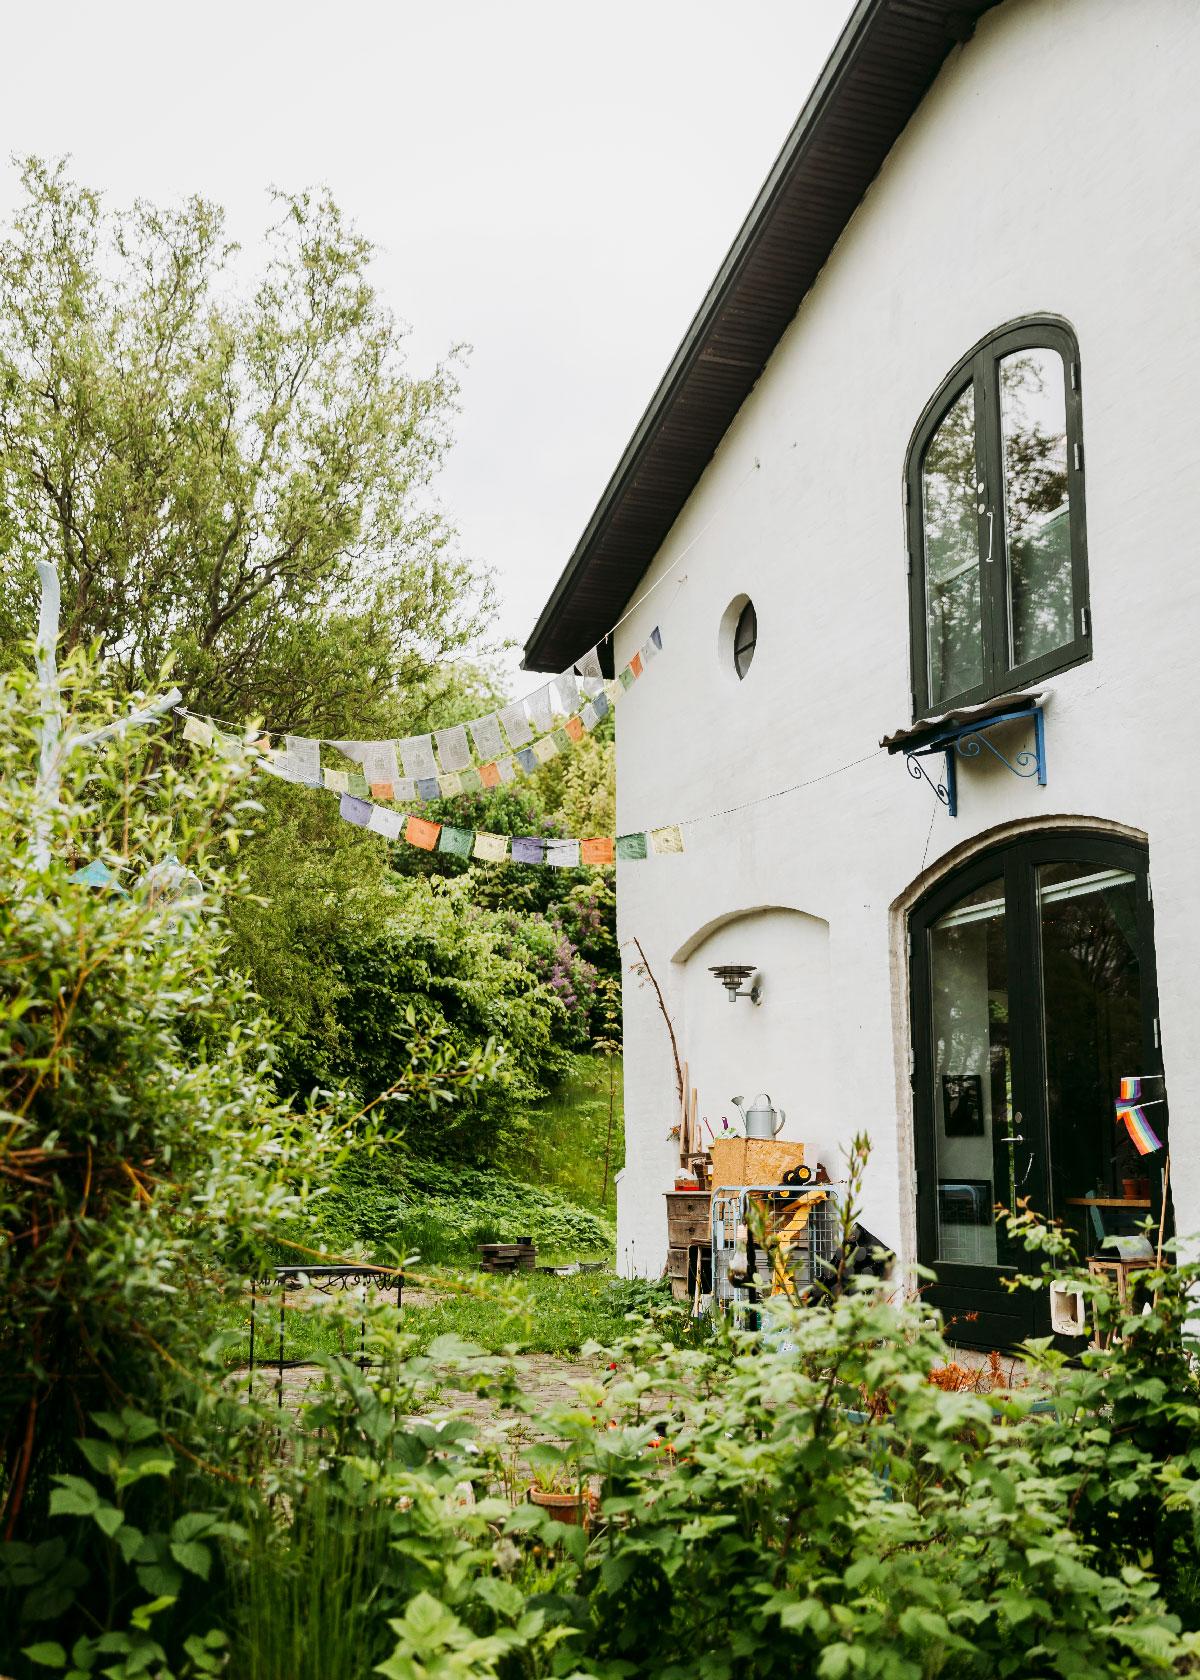 Svanholm storkollektiv